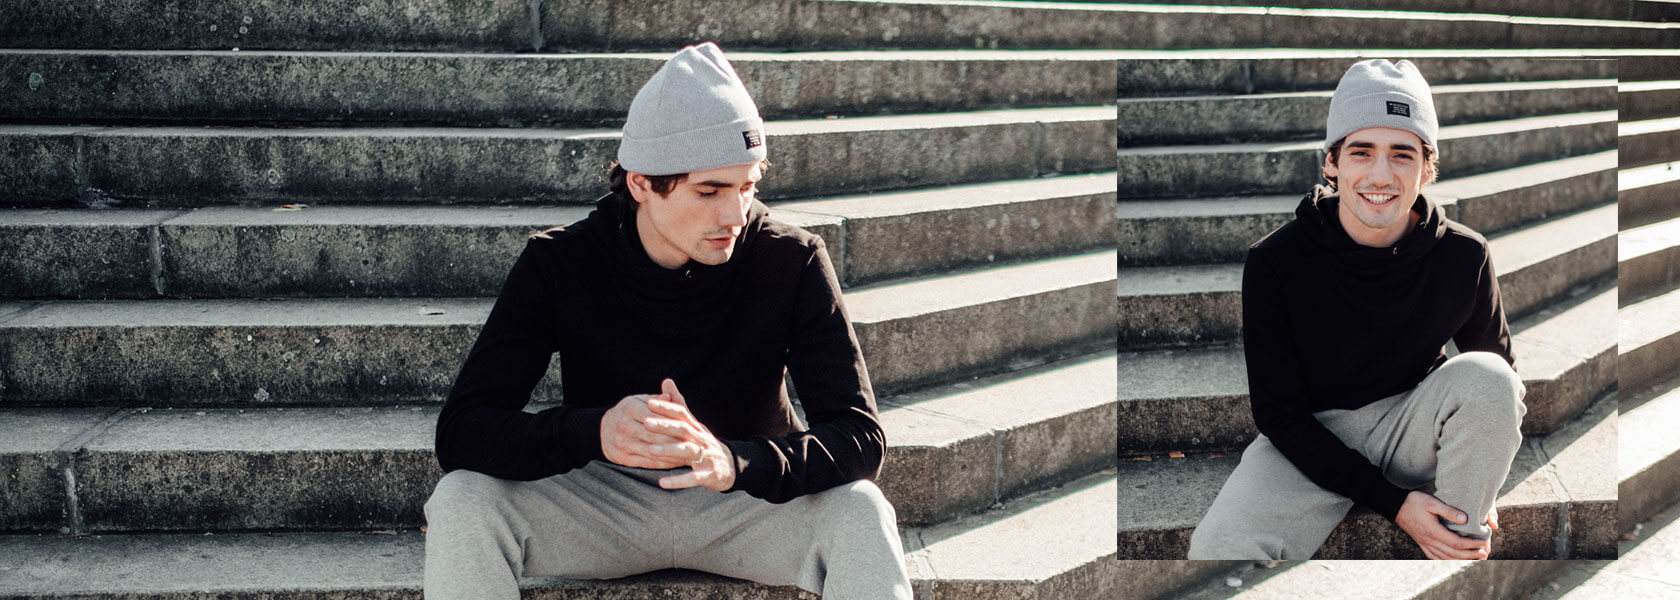 Mann in schwarzem Pullover sitzt auf einer Treppe